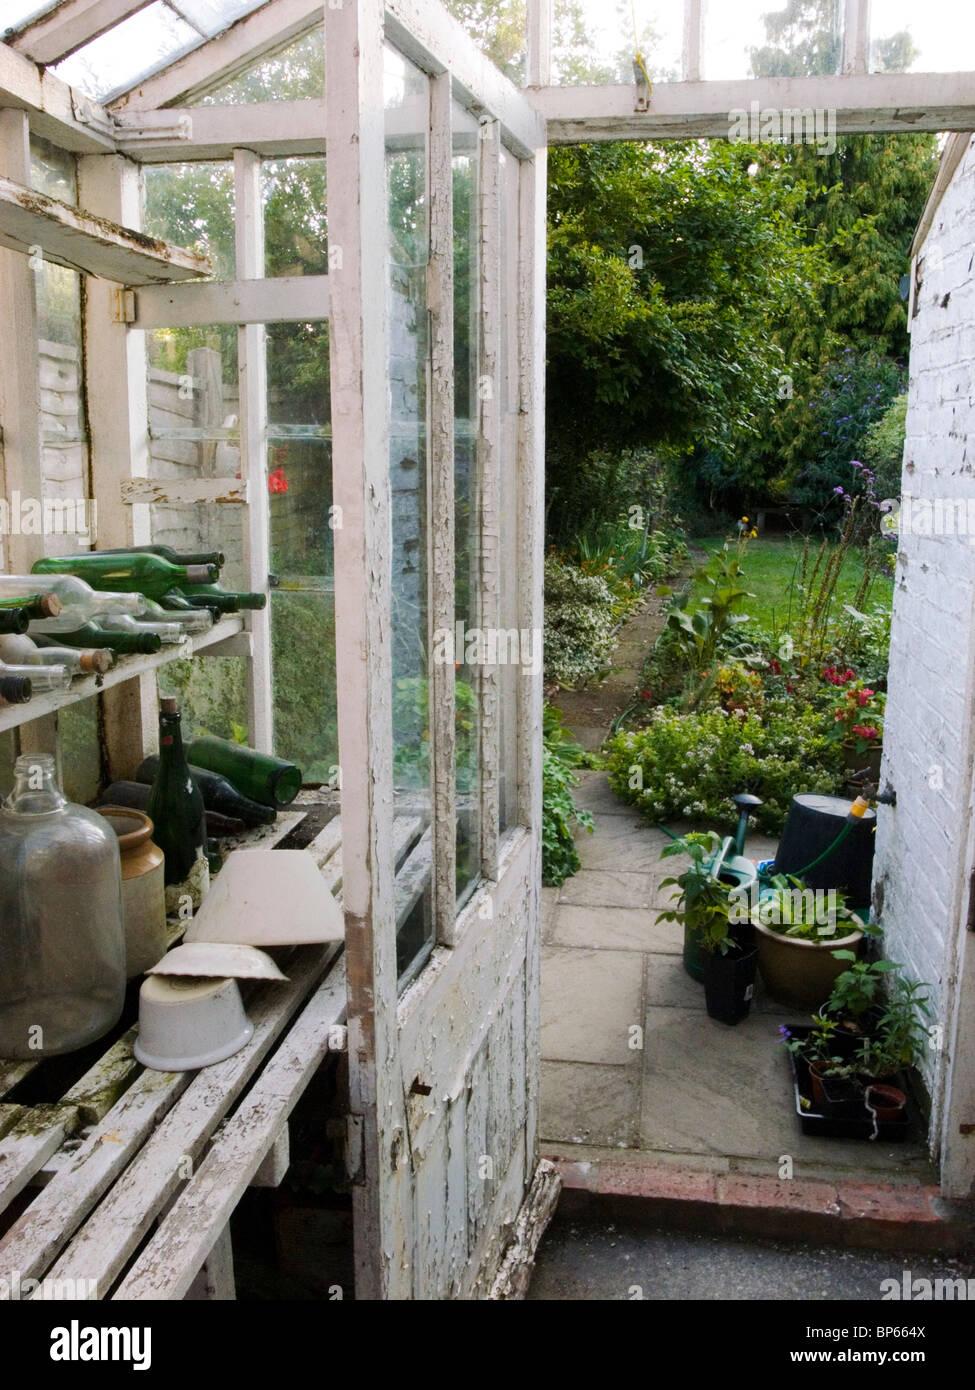 En vue de l'ancien jardin cottage délabré, serre. Photo Stock